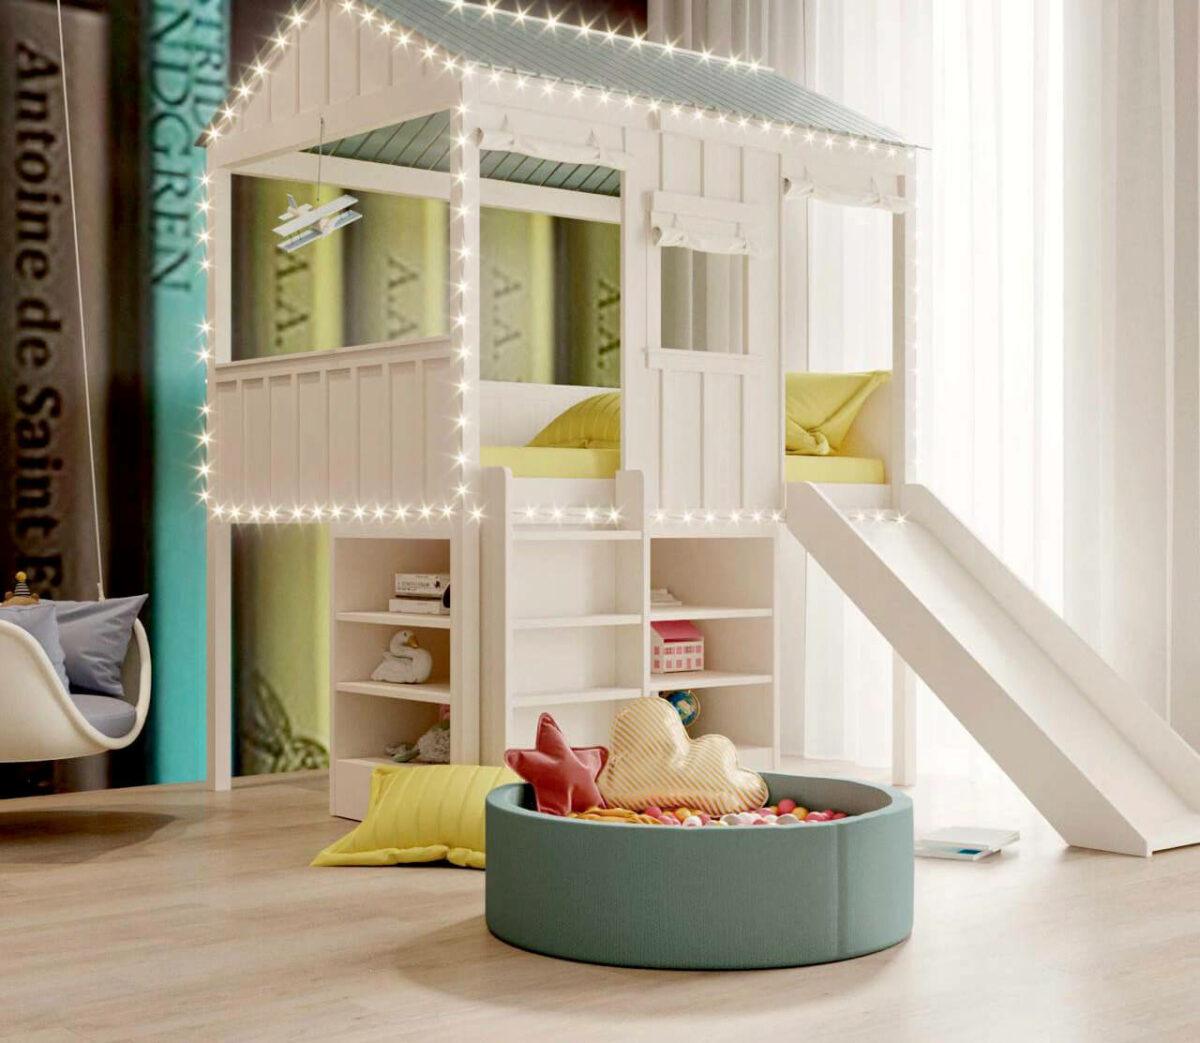 Игровая мебель для детской комнаты проект 3411-2